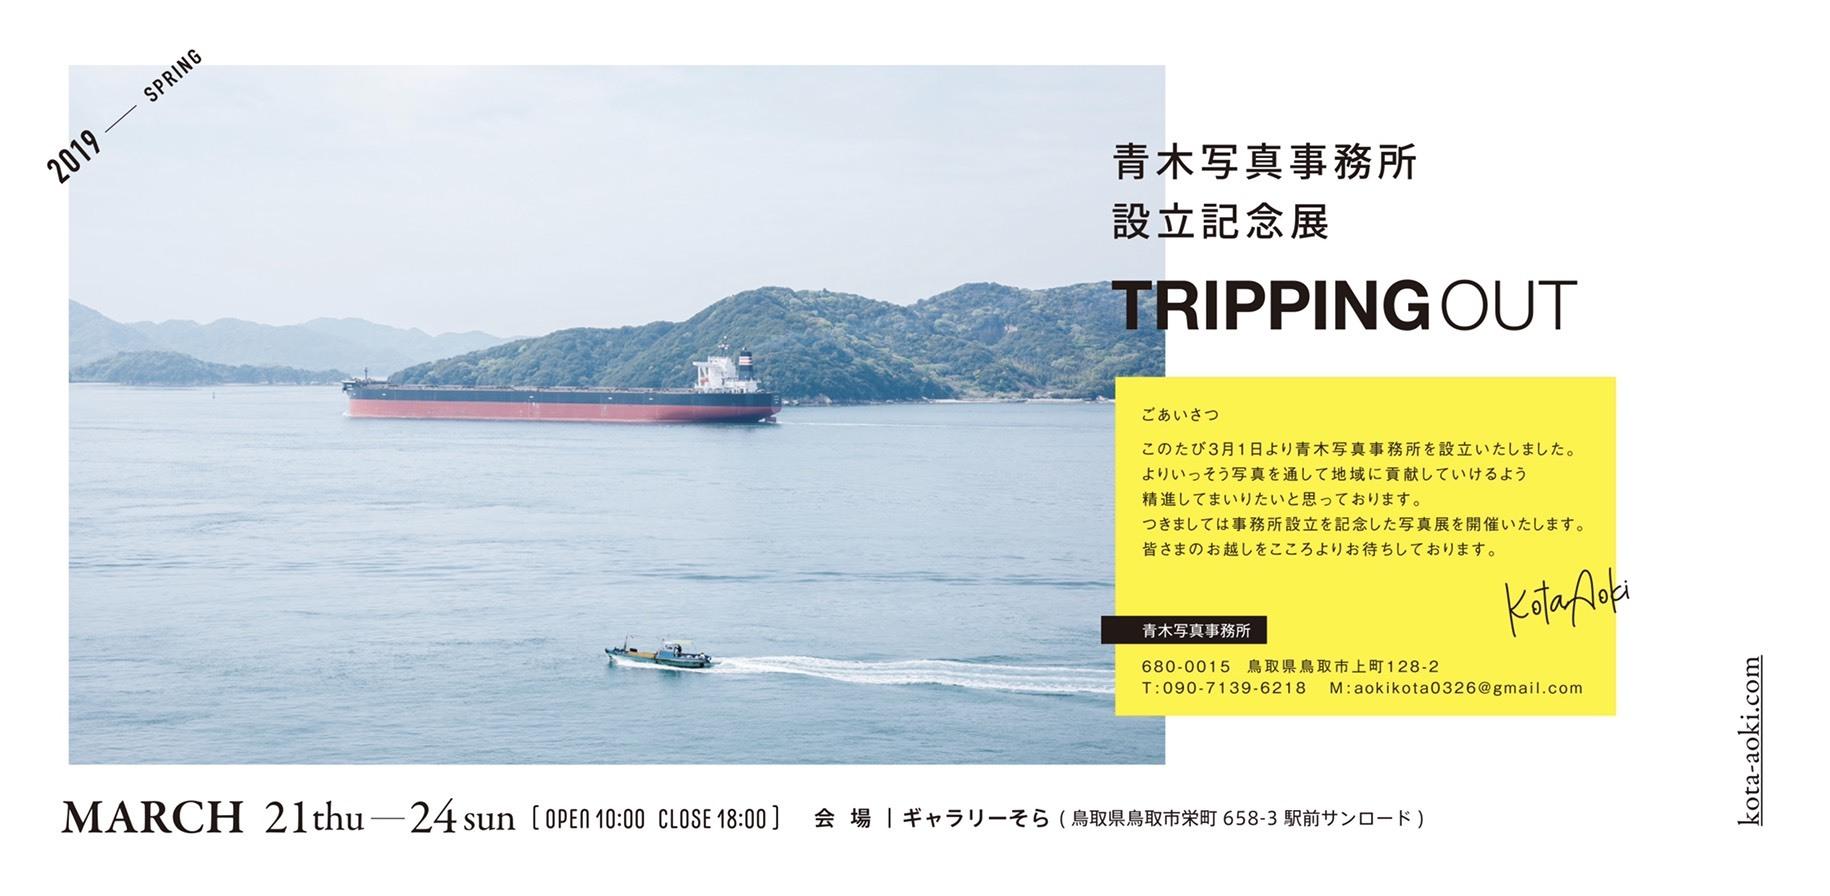 青木写真事務所設立記念  TRIPPING OUT_e0115904_07511917.jpg